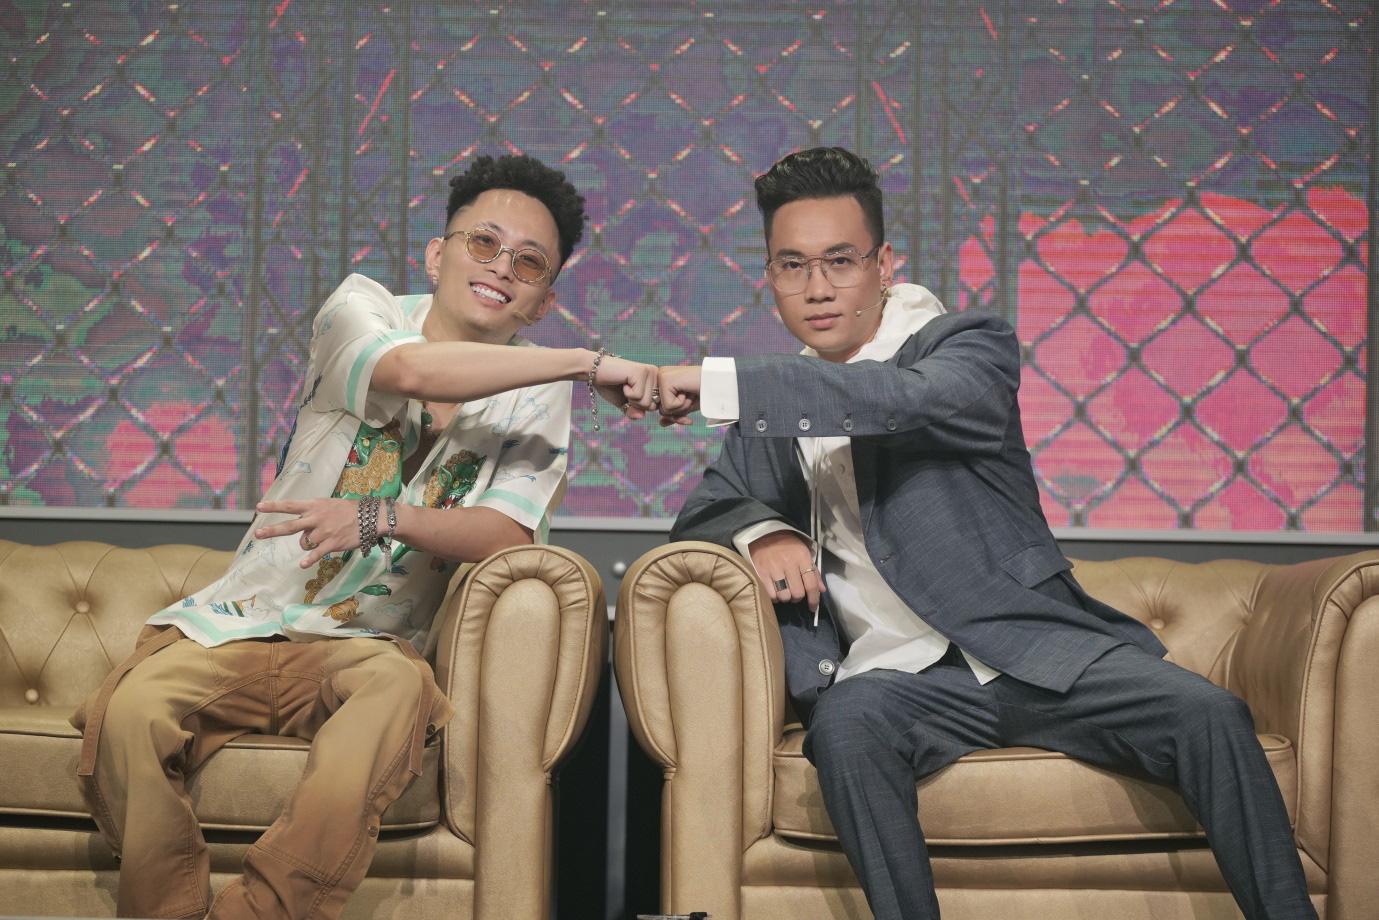 Cùng Rap Việt đánh chiếm top 1 trending YouTube, SpaceSpeakers tiếp tục củng cố vị thế - Ảnh 3.